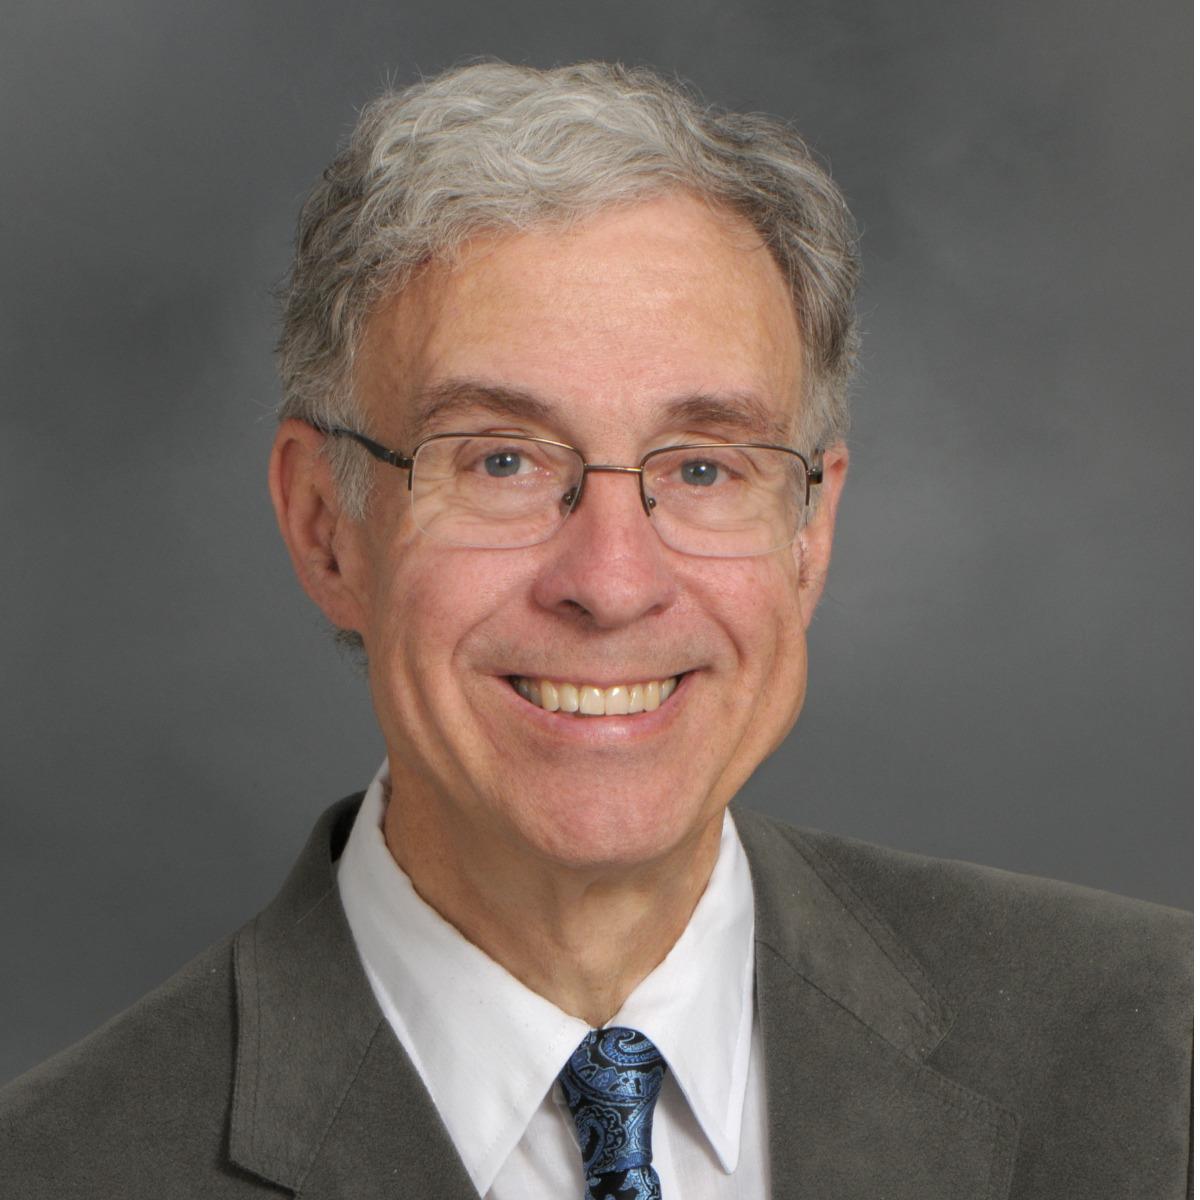 Michael R Egnor, MD